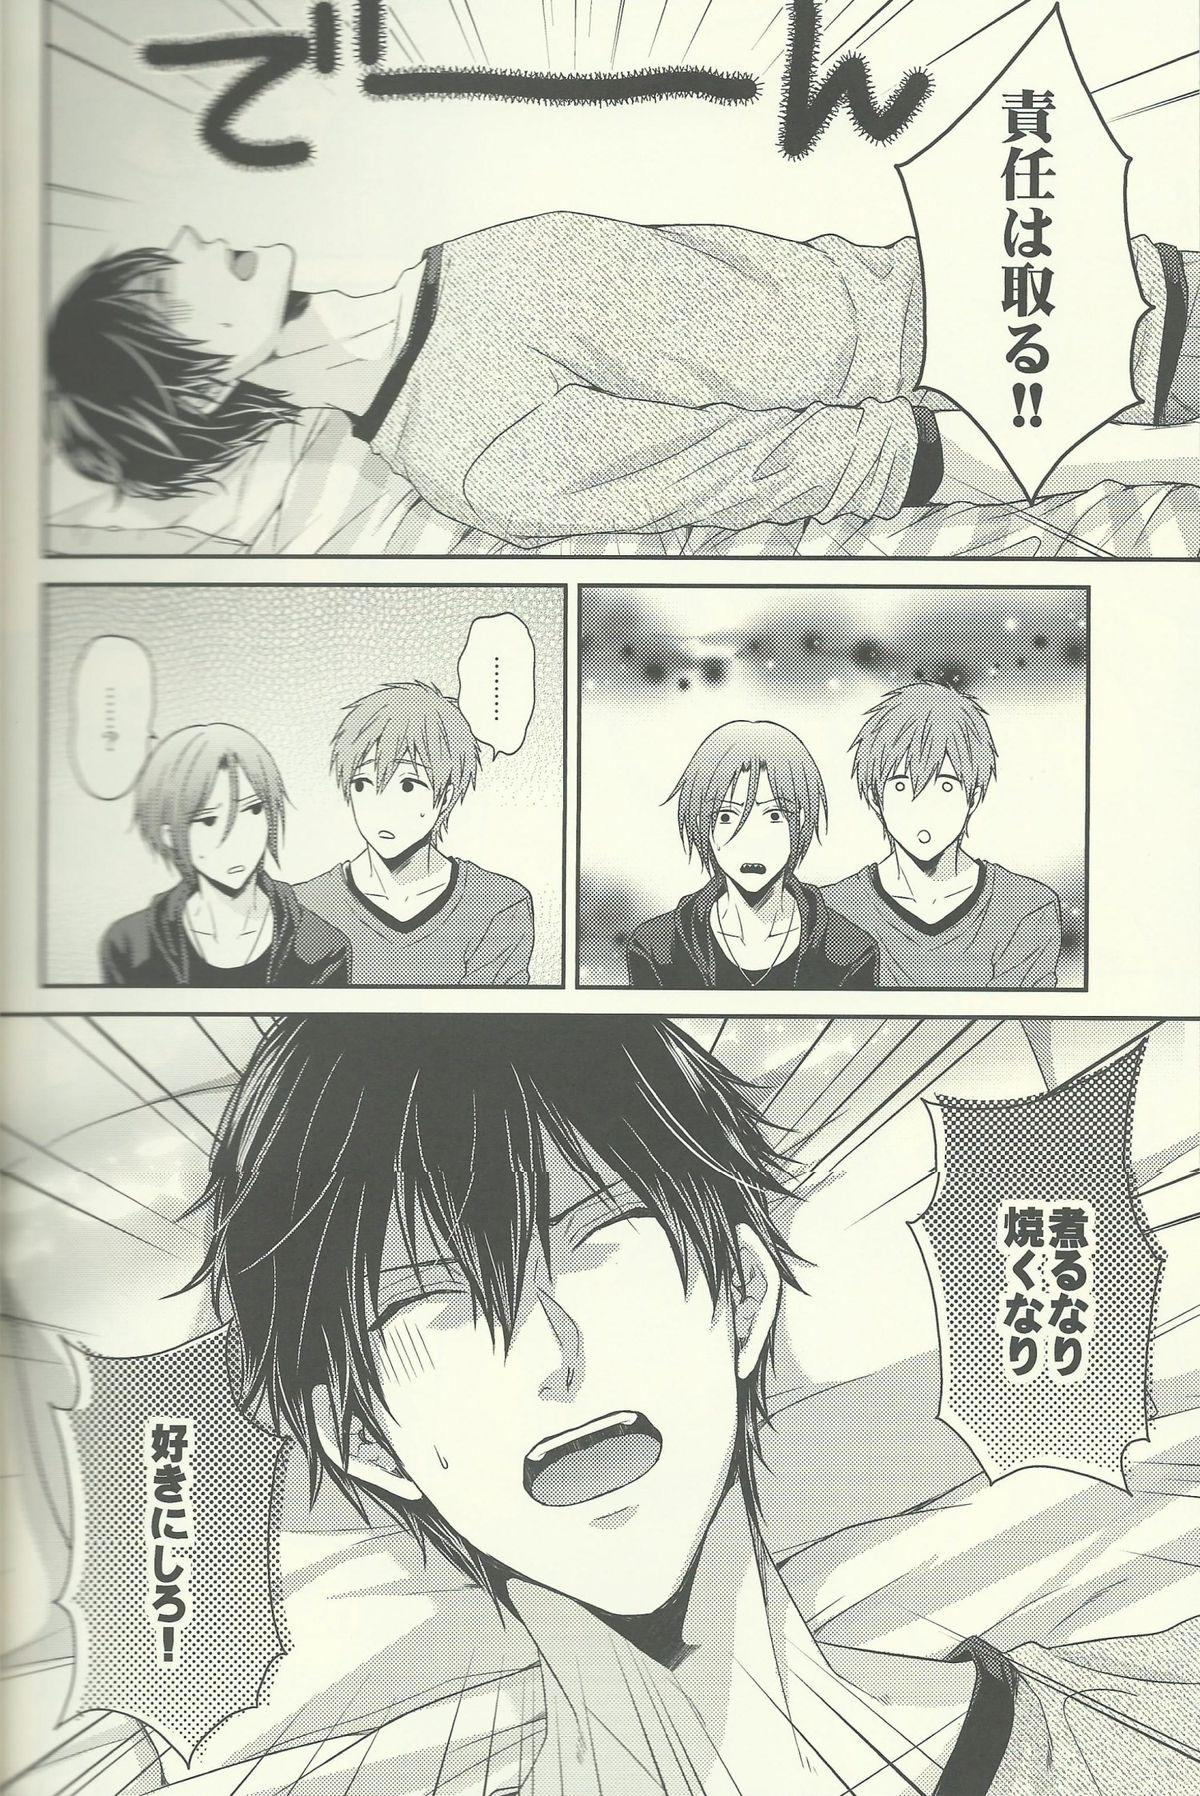 Yurushite Warui Iruka-chan 6